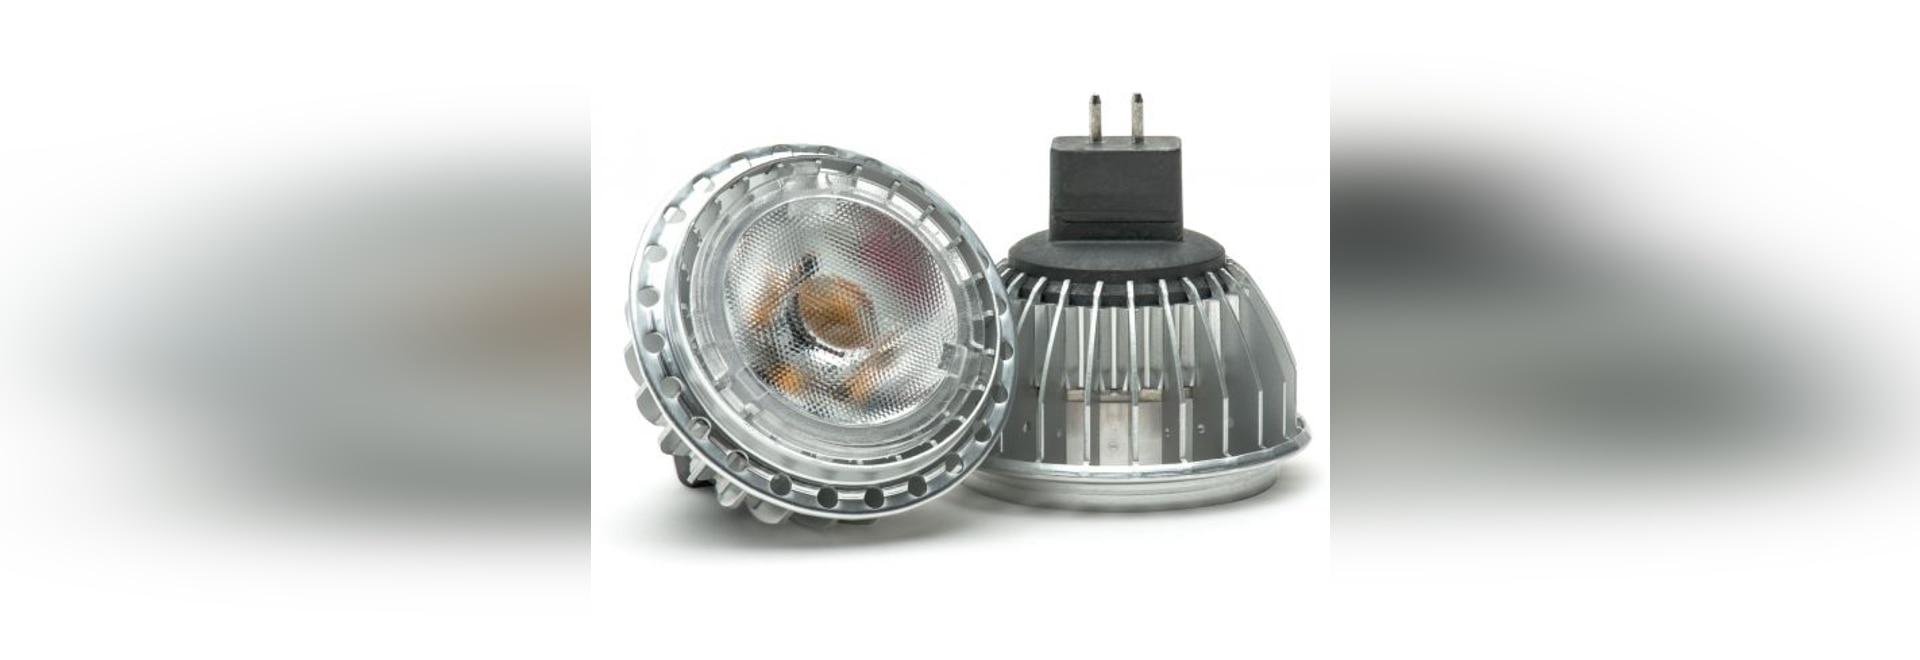 NOUVEAU : Ampoule de LED par Cree